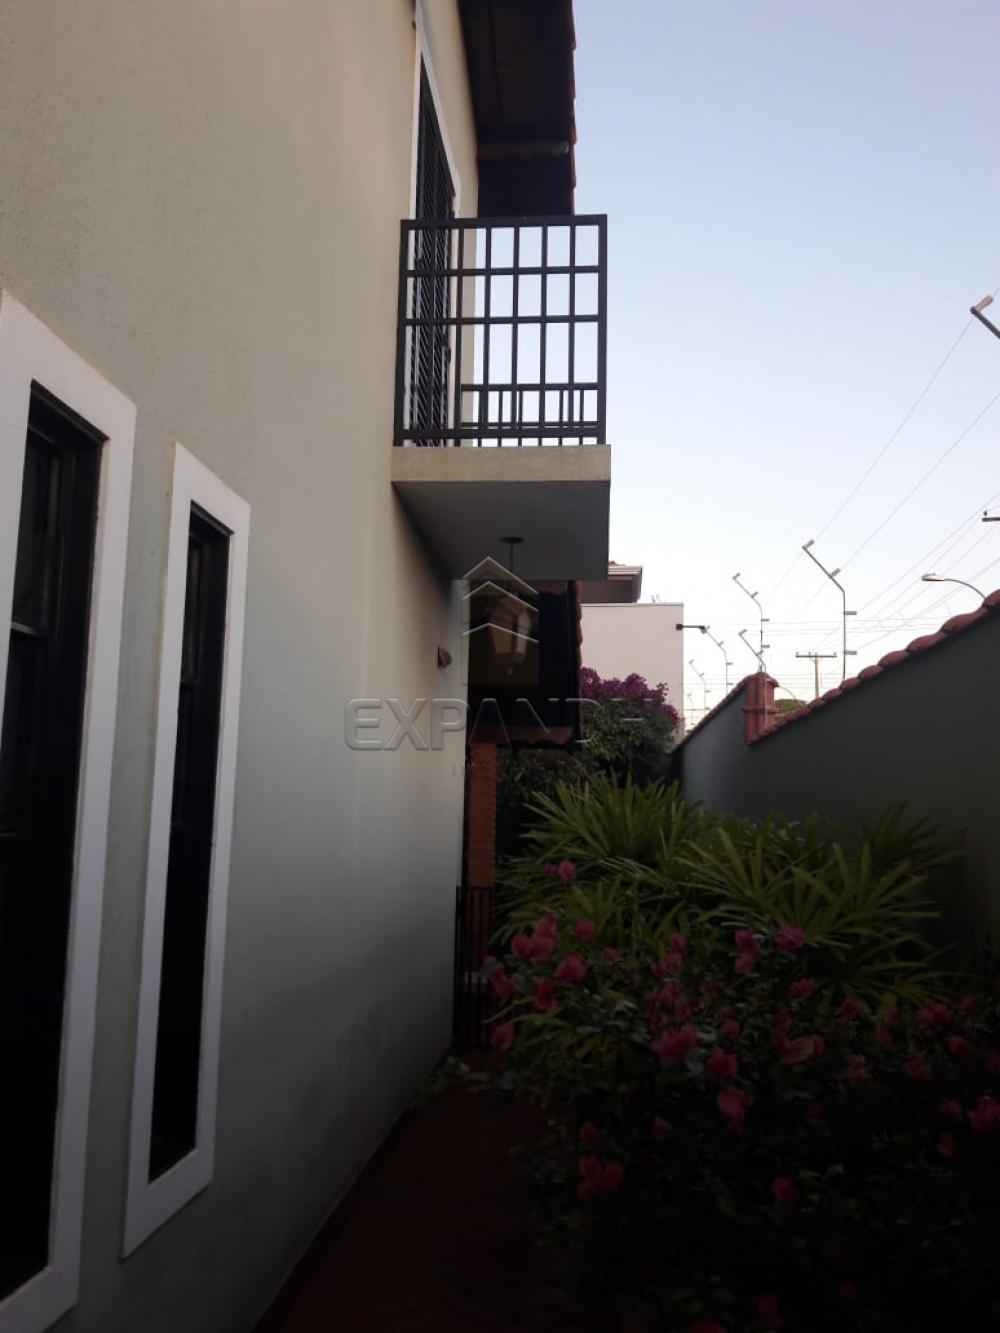 Comprar Casas / Padrão em Sertãozinho R$ 590.000,00 - Foto 7